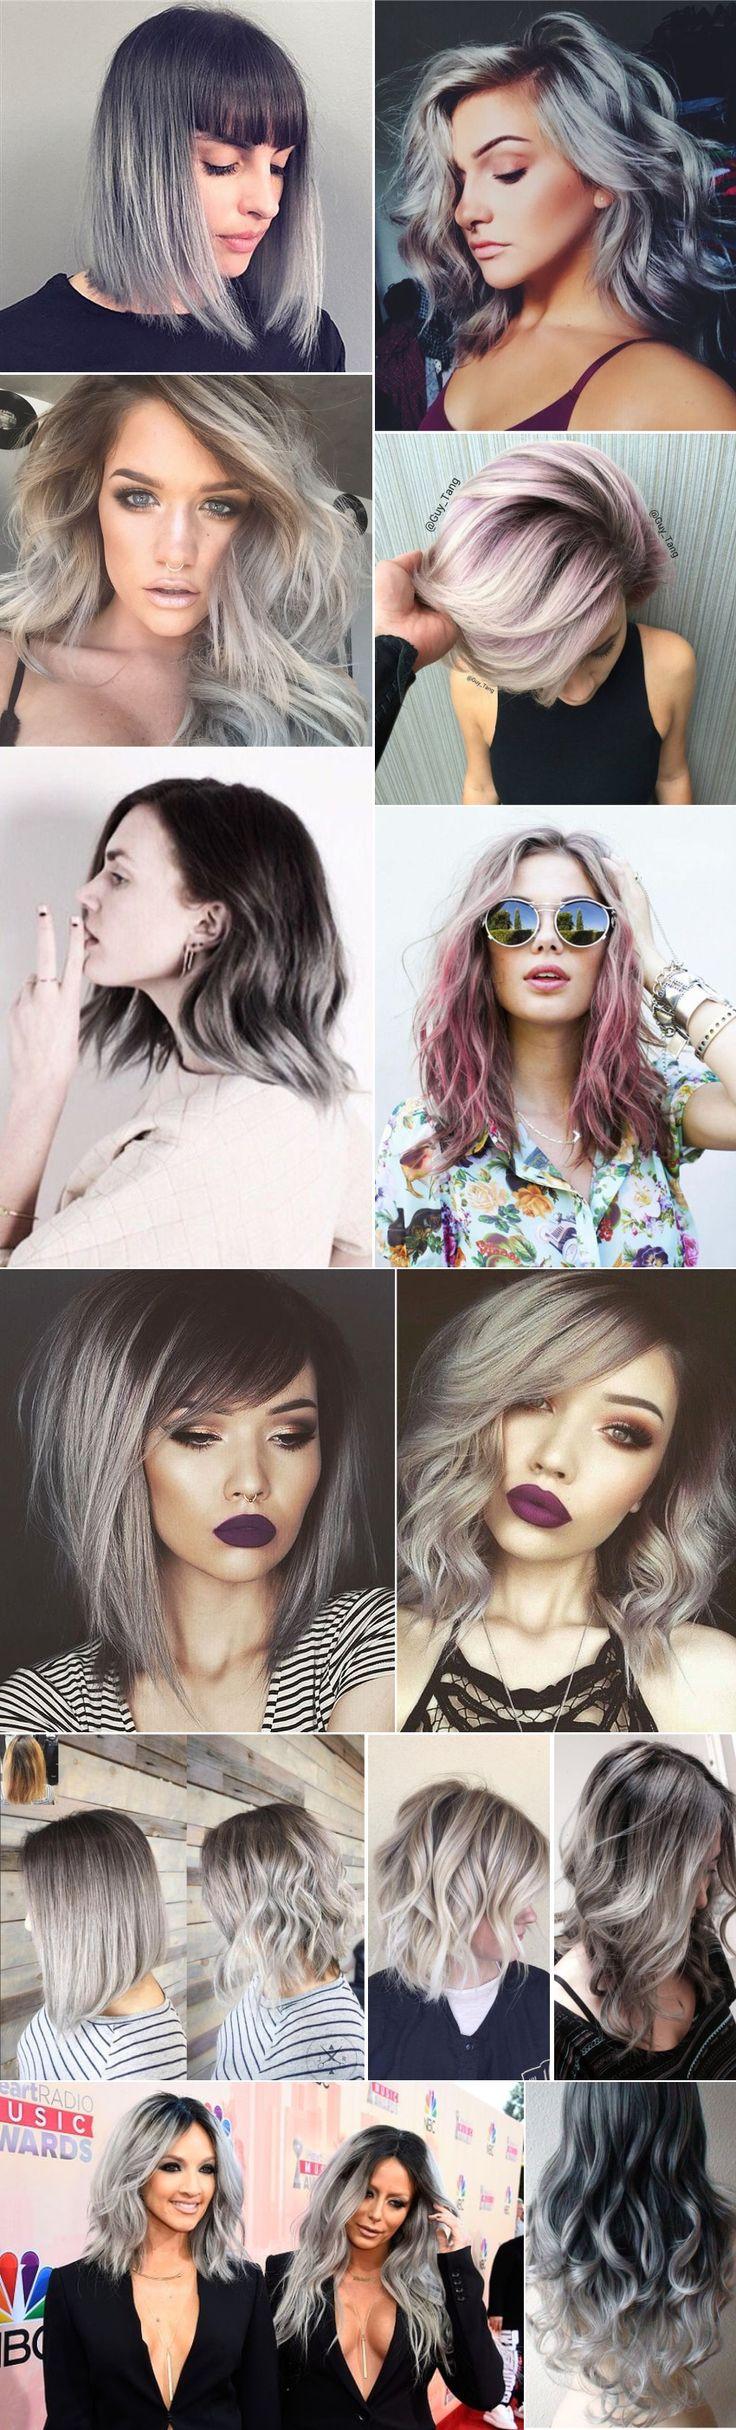 E aí, Beleza? Blog de beleza, moda e maquiagem, entre outras coisas                                                                                                                                                                                 Mais